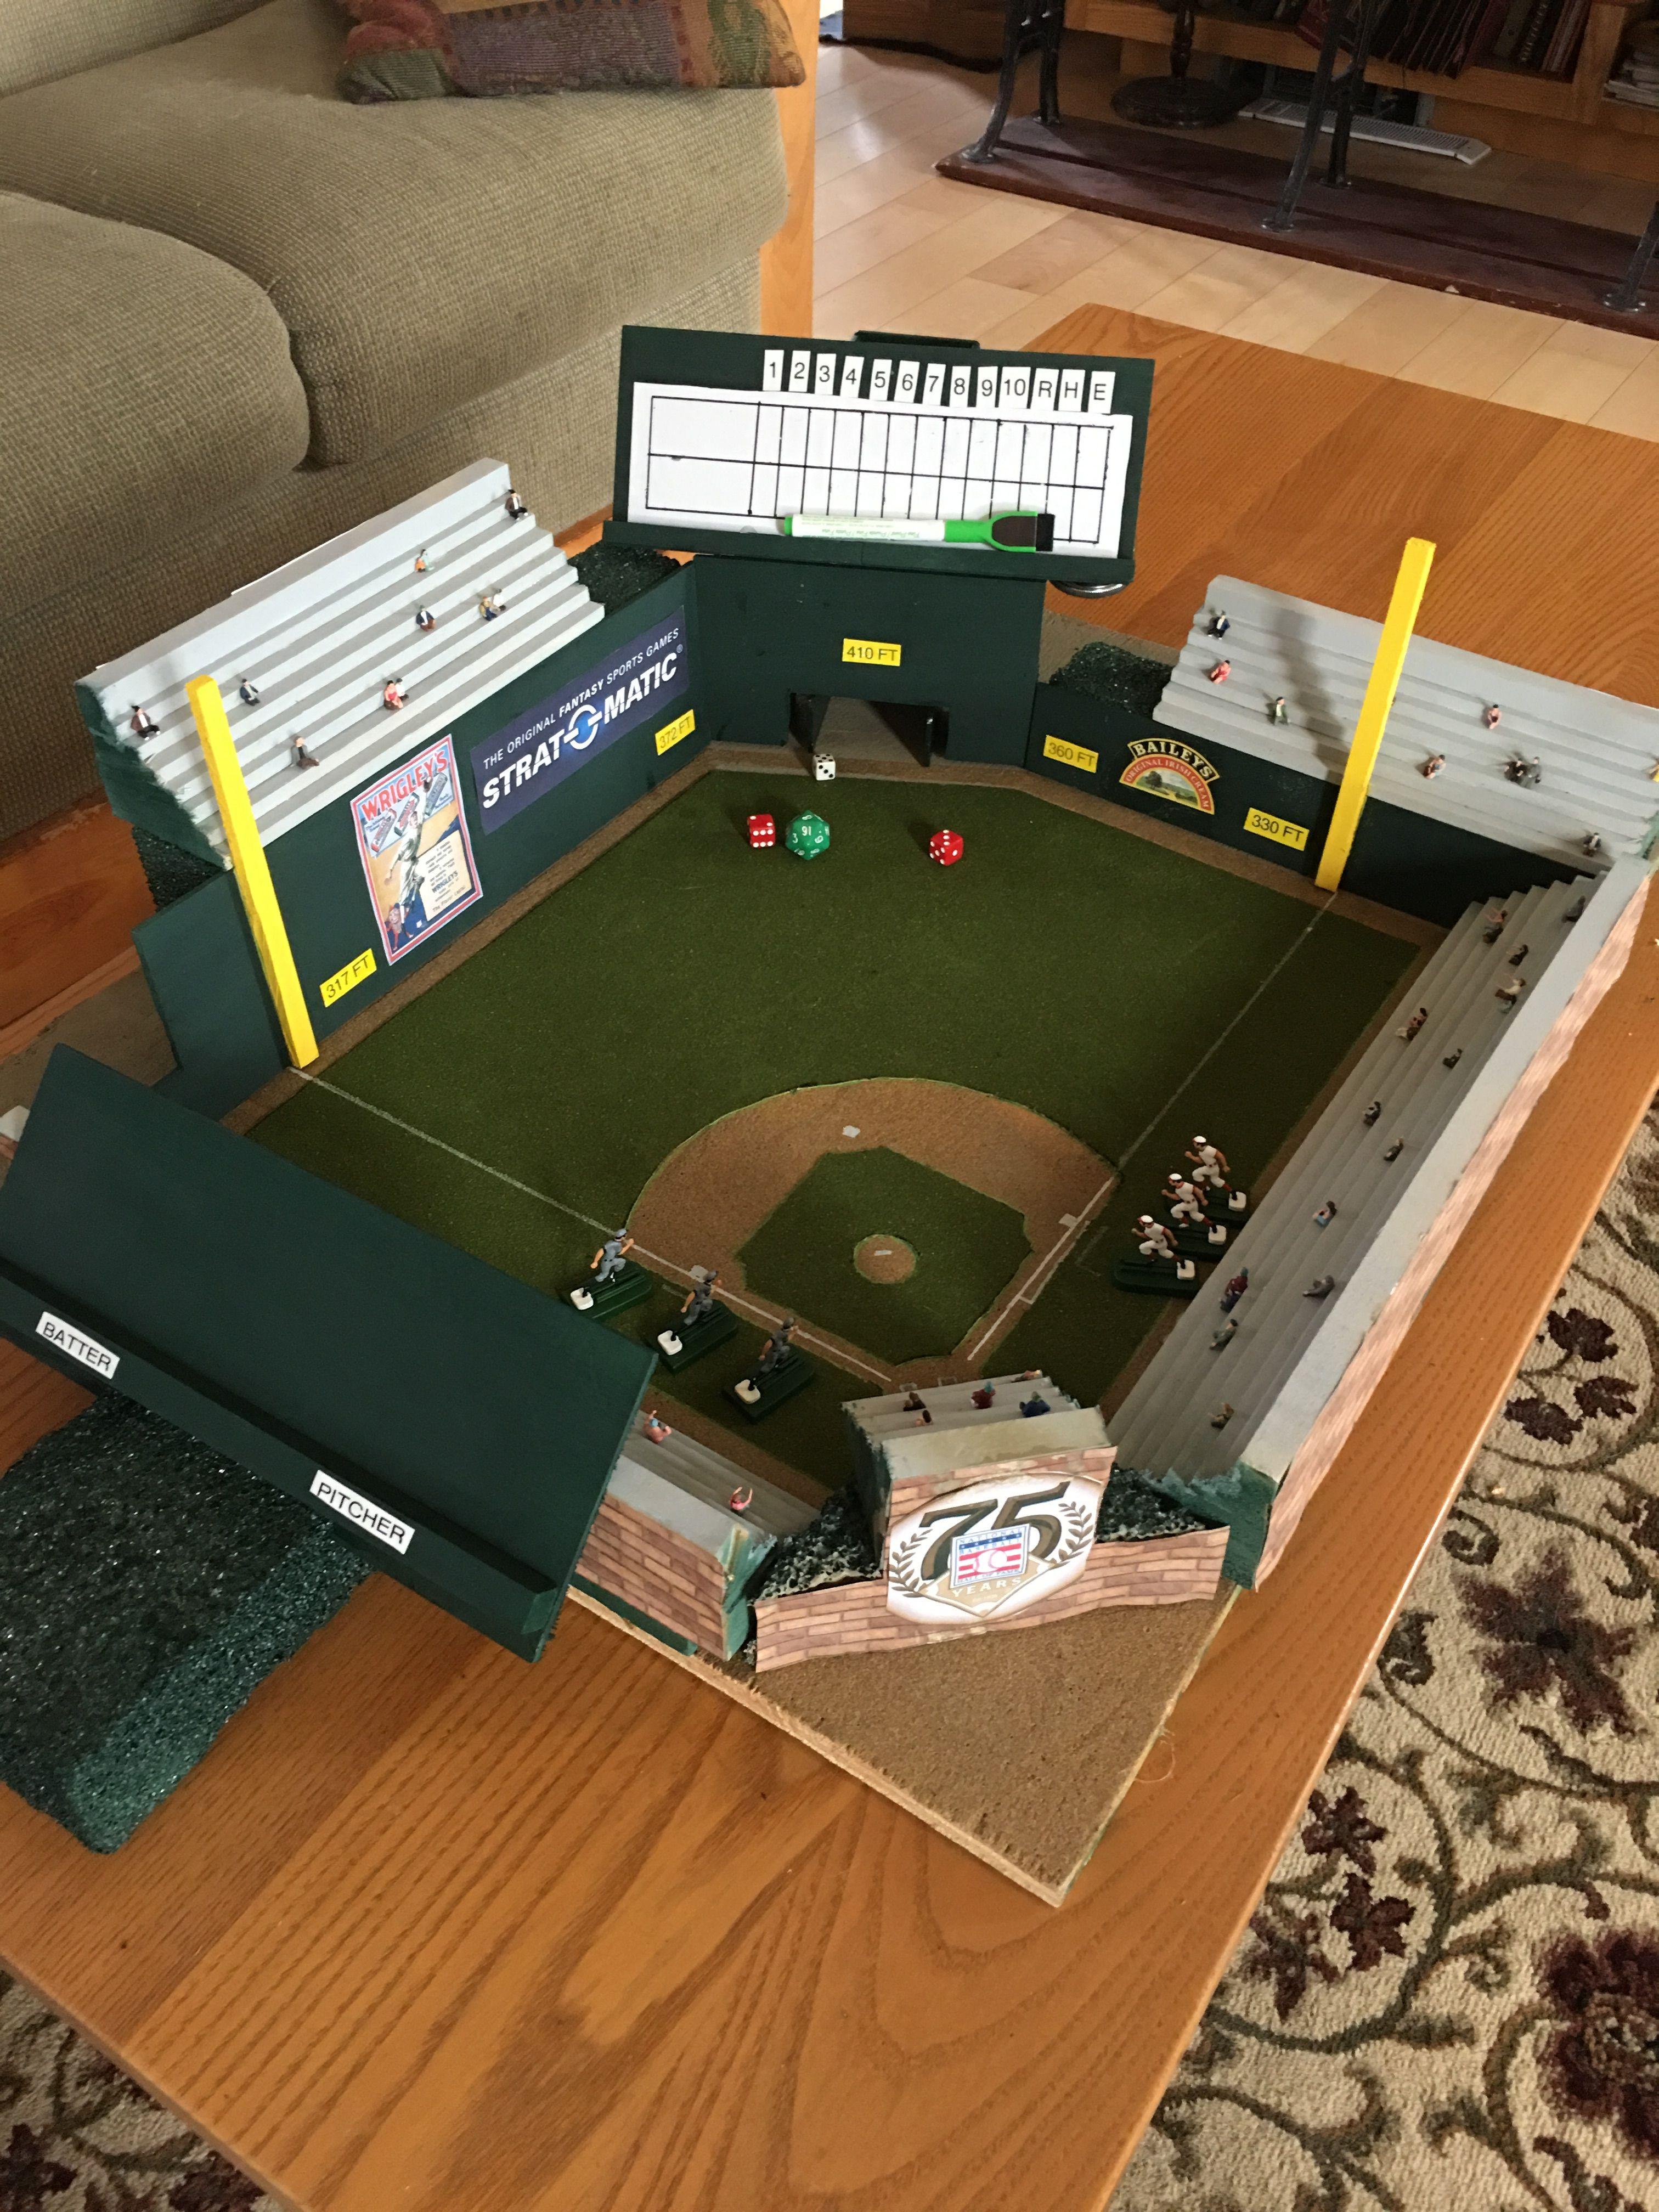 Pin By Tom Helwick On Strat O Matic Field Yeladog Park Baseball Project Baseball Stadium Baseball